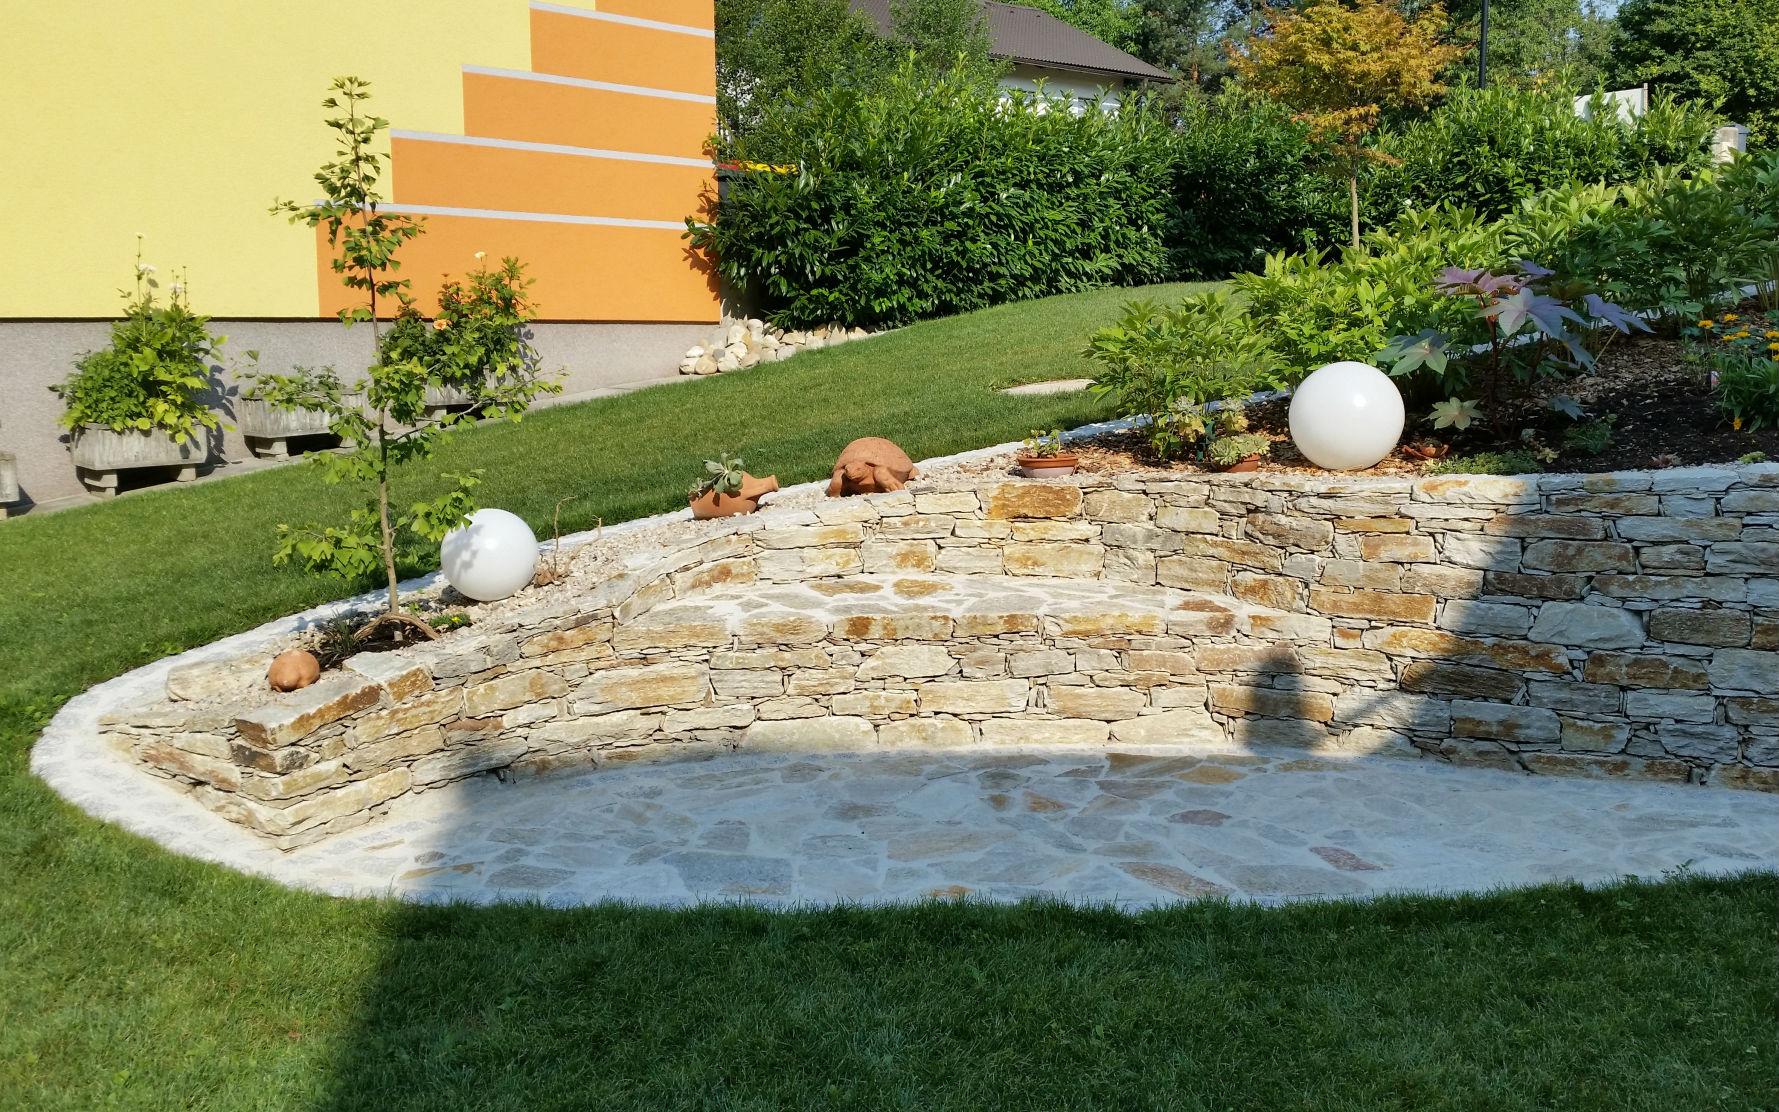 Gartengestaltung maschinenring erlauftal - Gartengestaltung sitzplatz ...